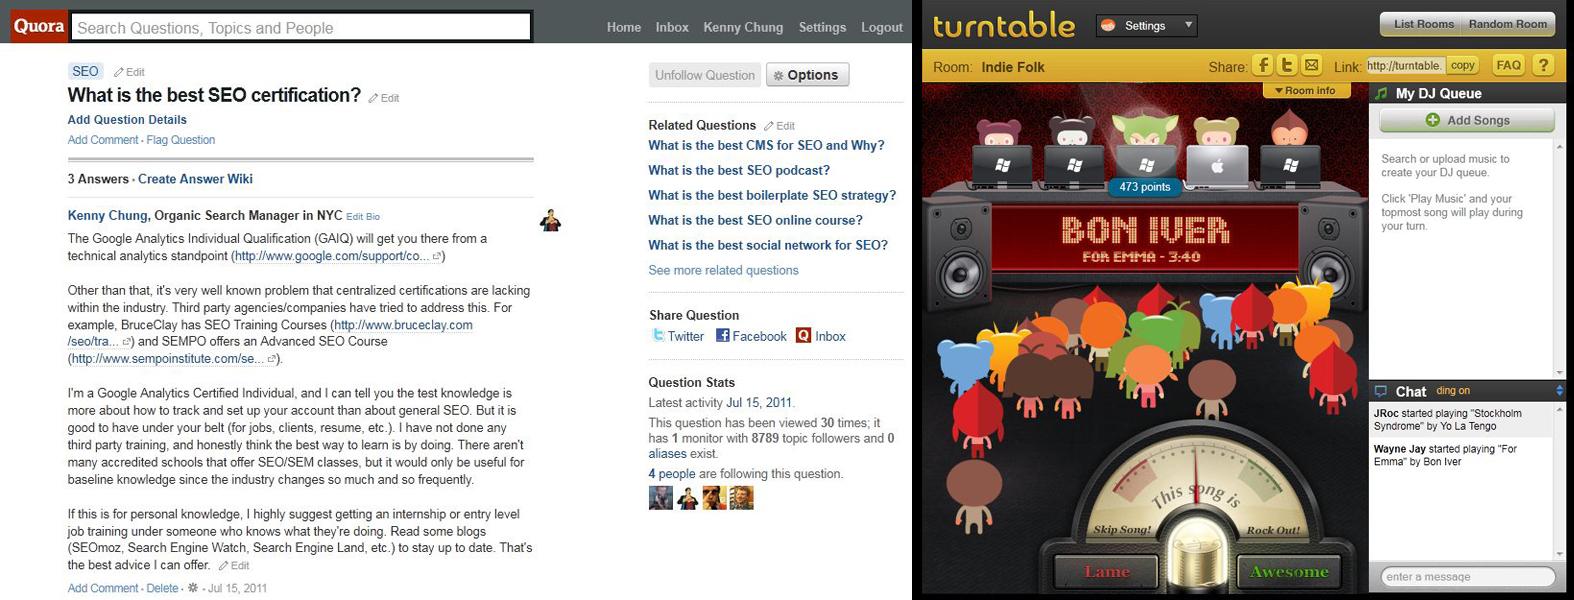 Quora vs. Turntable.fm